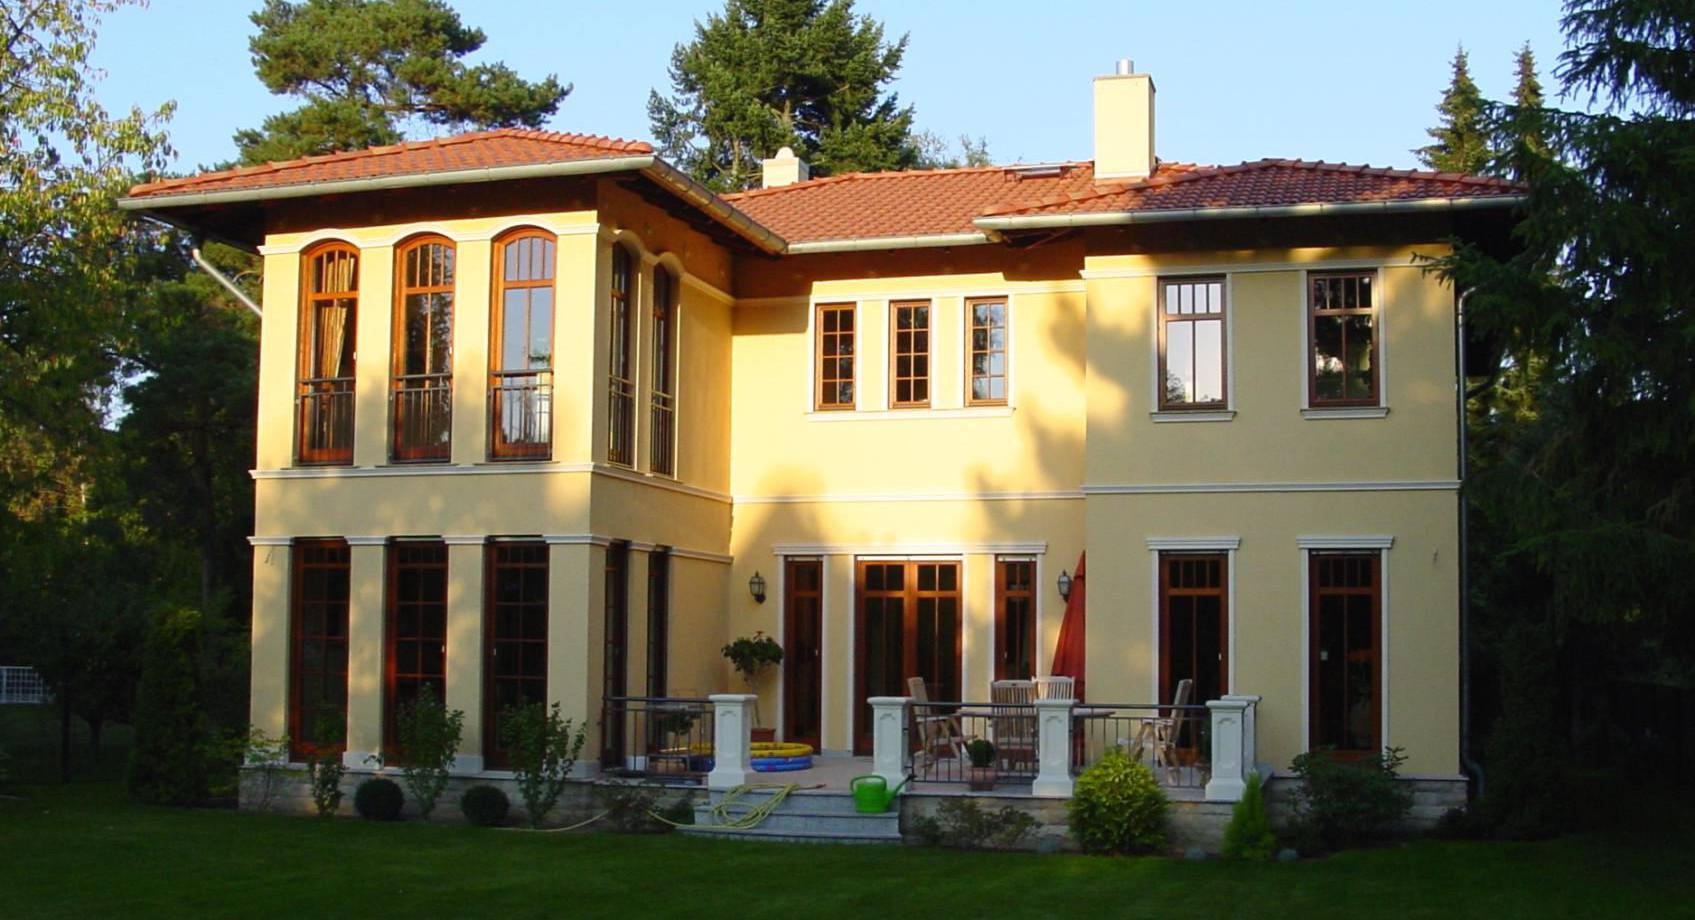 Mediterrane Villa Gartenseite